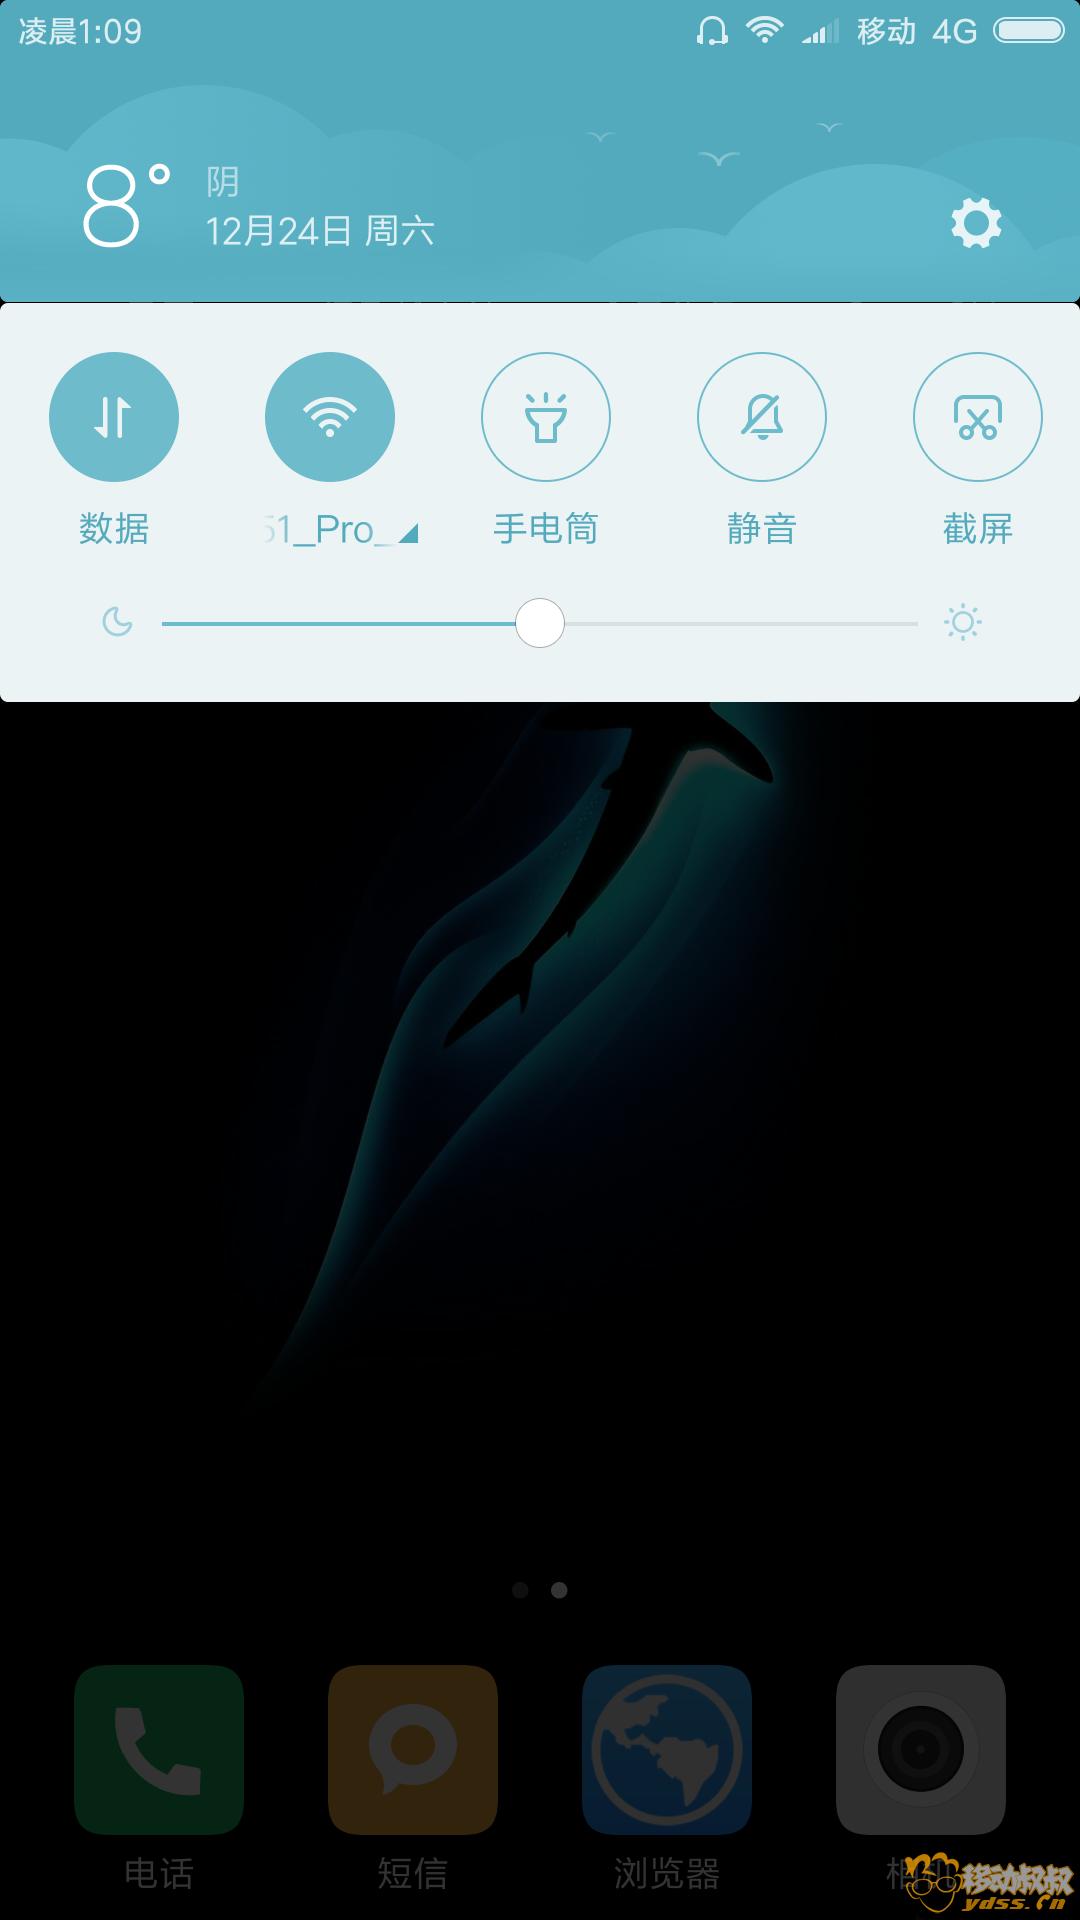 Screenshot_2016-12-24-01-09-56-878_com.miui.home.png